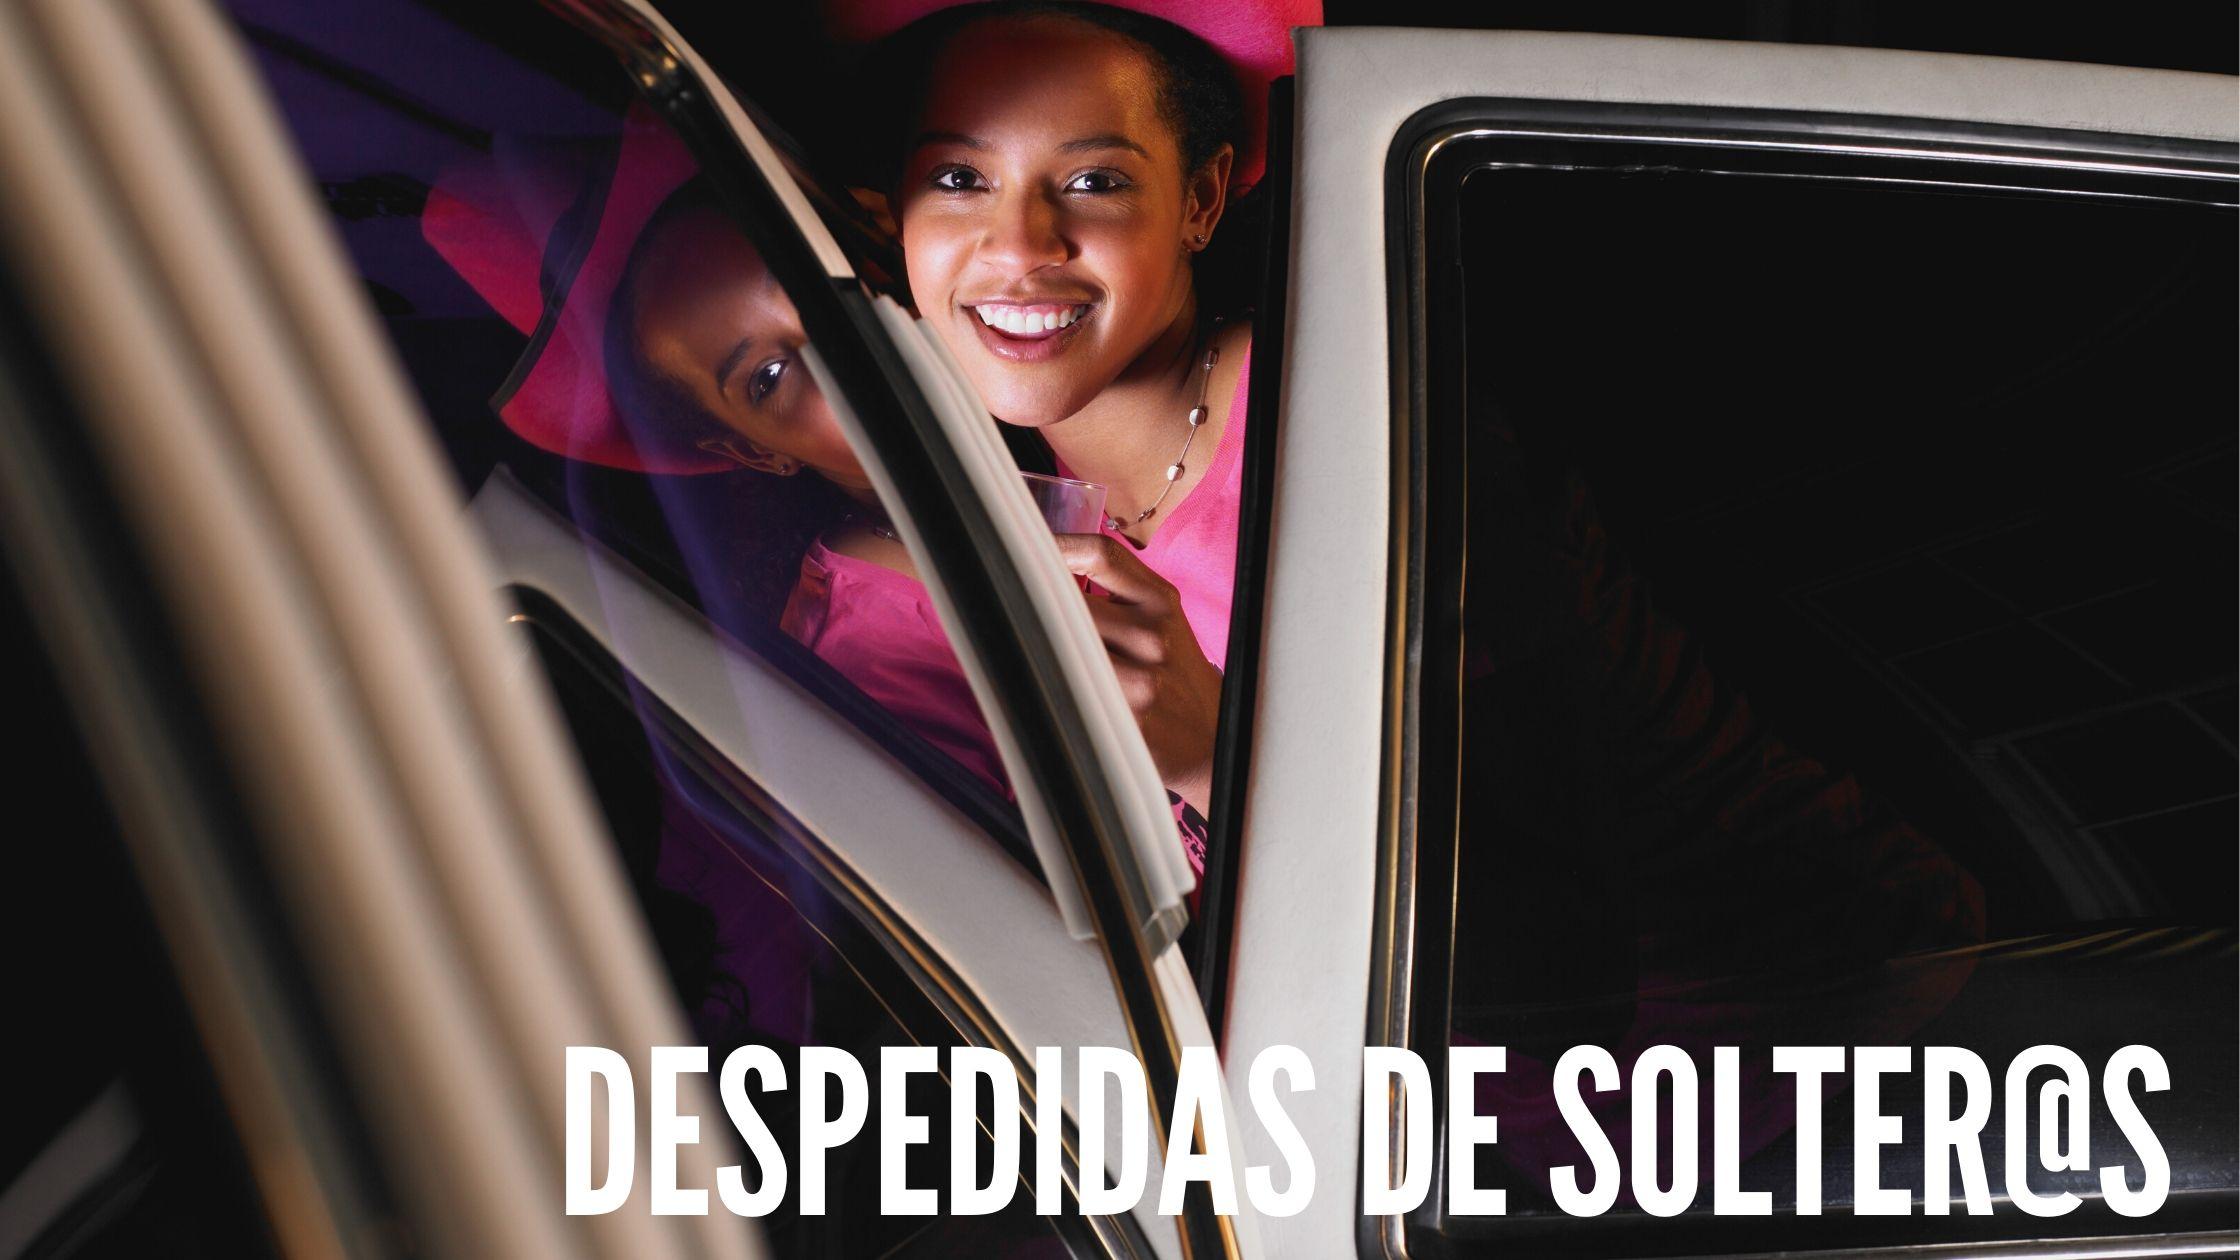 Limusinas para Despedidas de soltera y soltero en Madrid